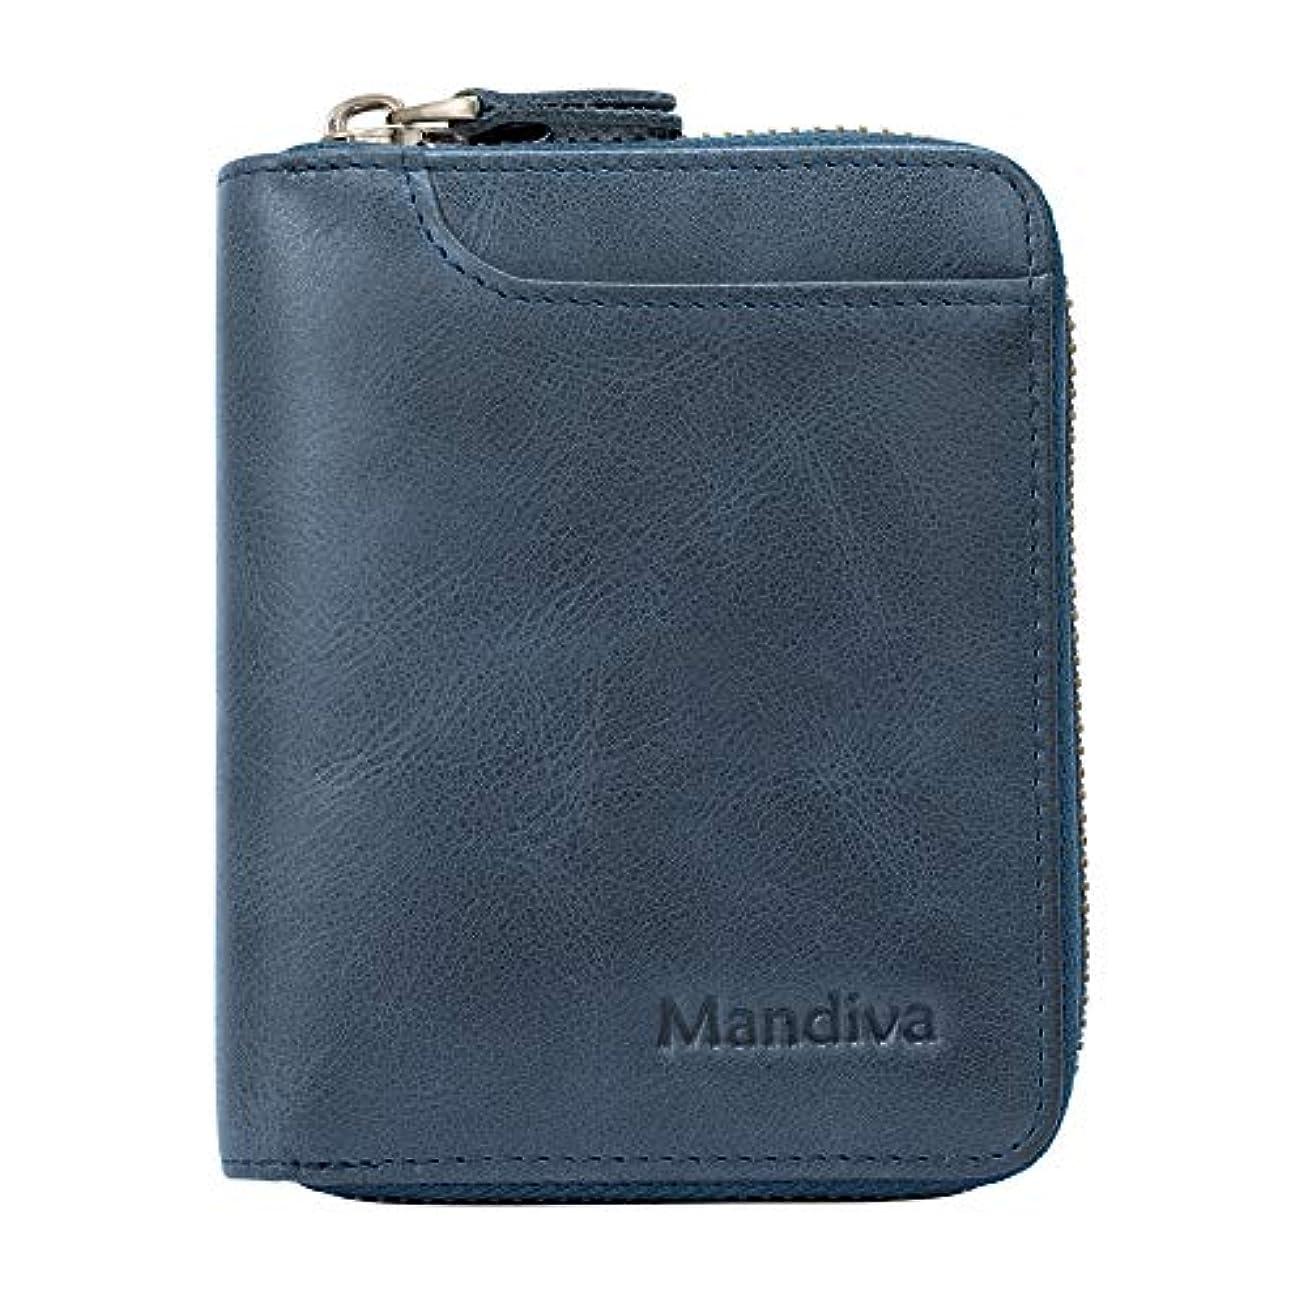 対立バスト直接Mandiva 財布 カードケース 本革 メンズ 軽量小銭入れ コンパクト ラウンドファスナー